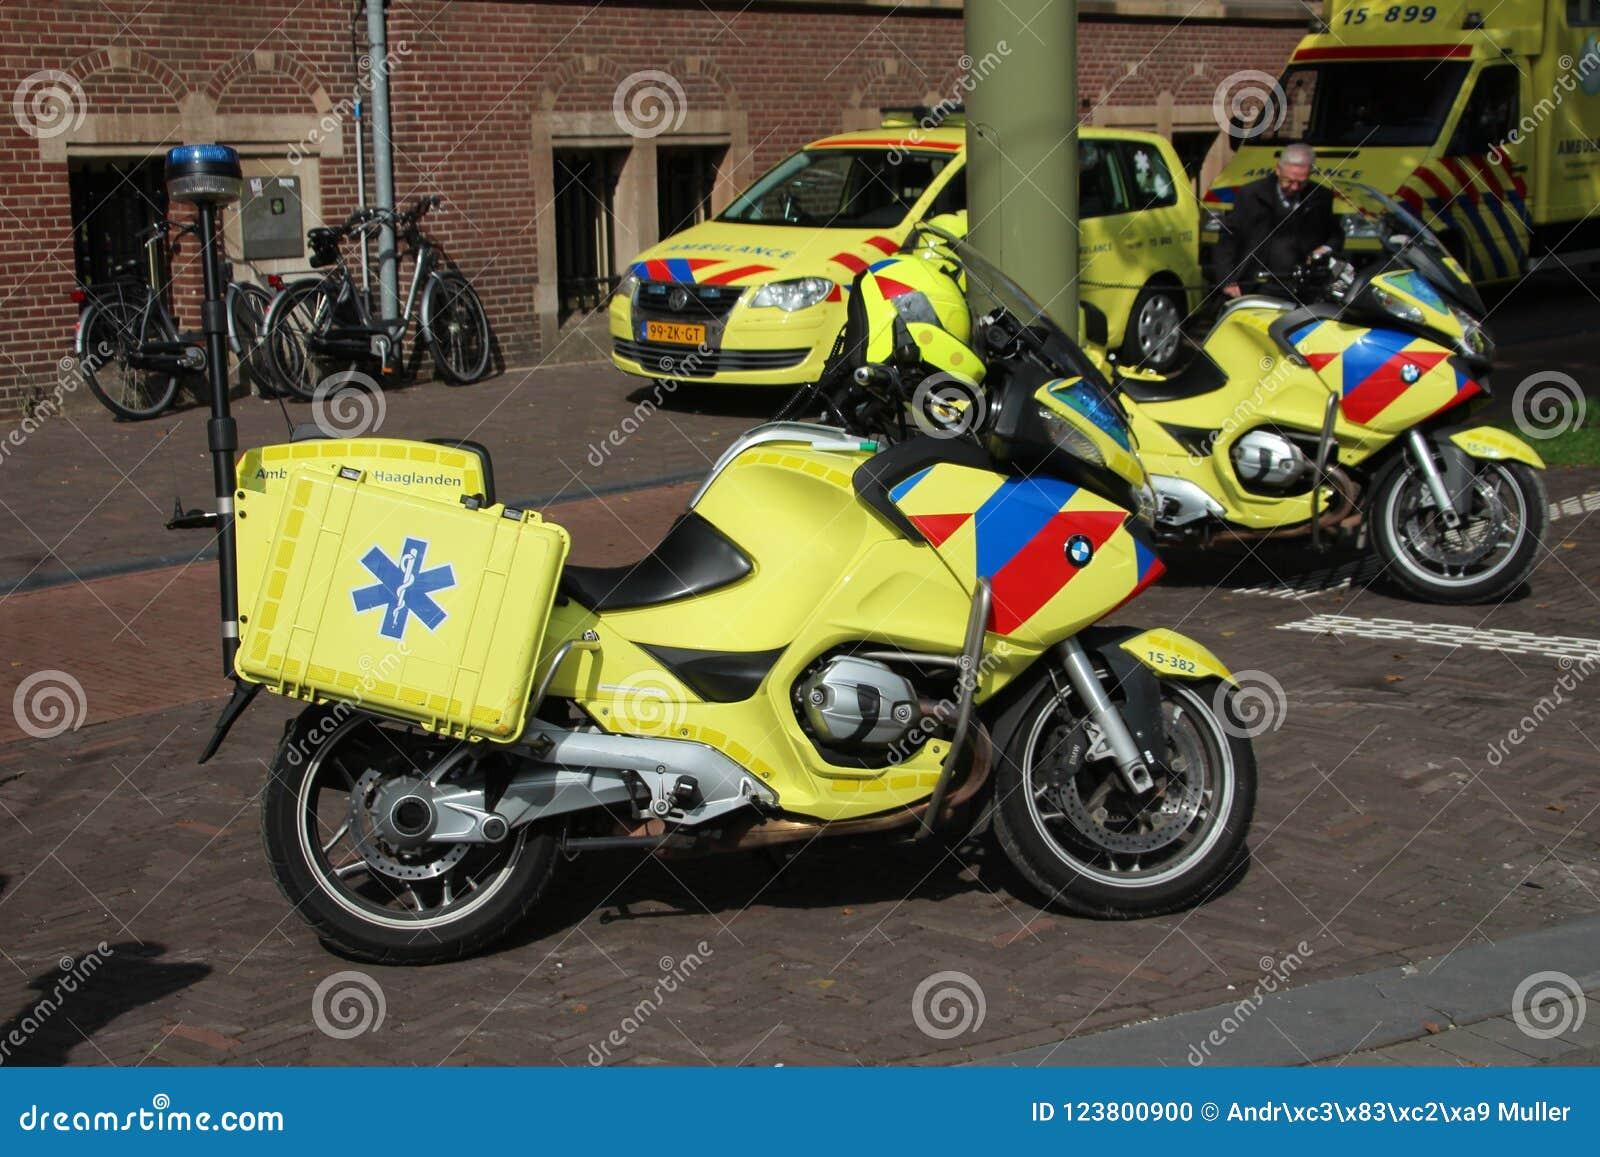 Velomotor da emergência em Haia que estão sendo usados para obter rapidamente às vítimas em ruas movimentadas estreitas